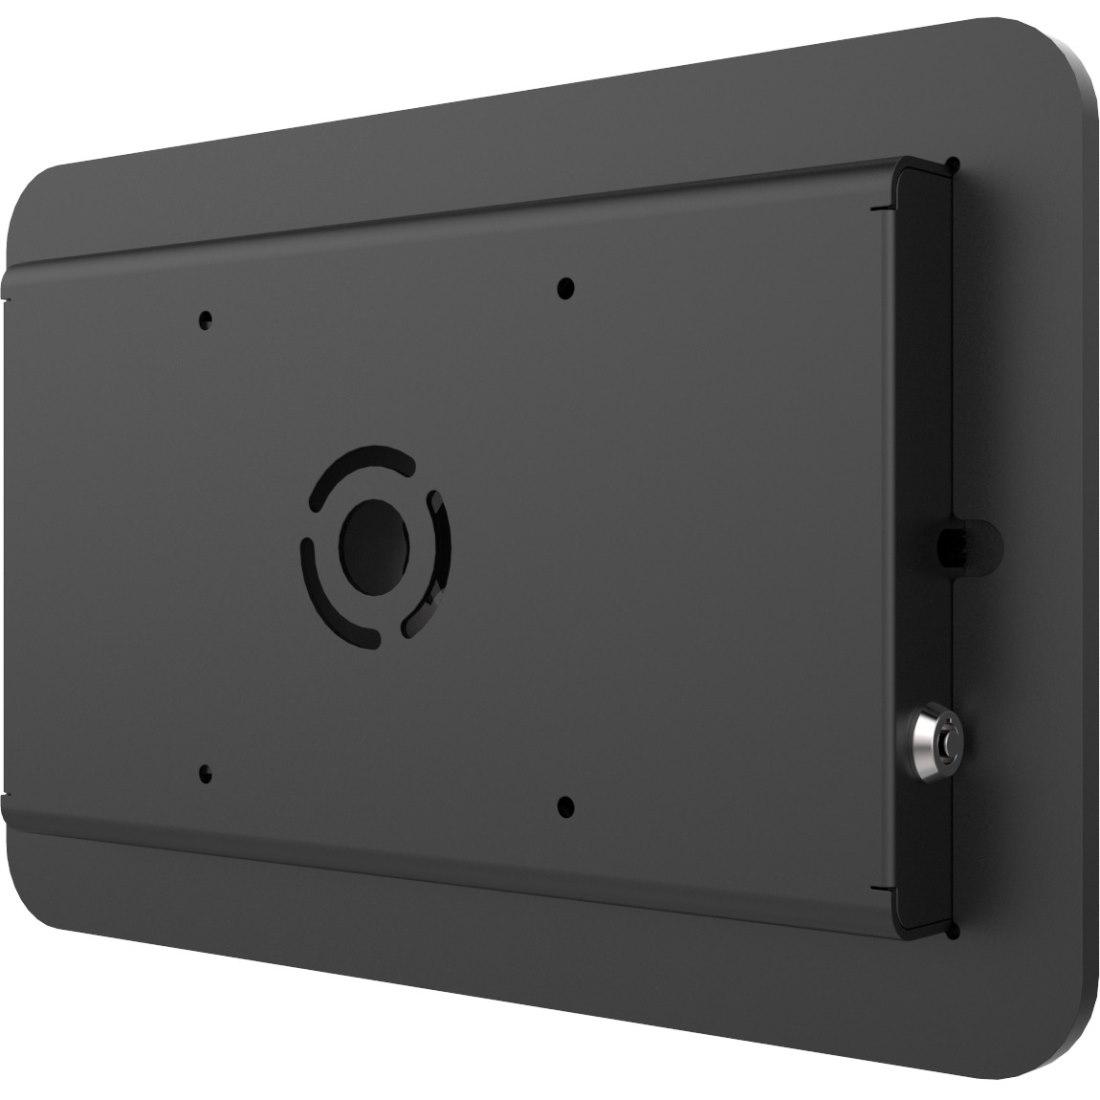 Compulocks Rokku Wall Mount for iPad